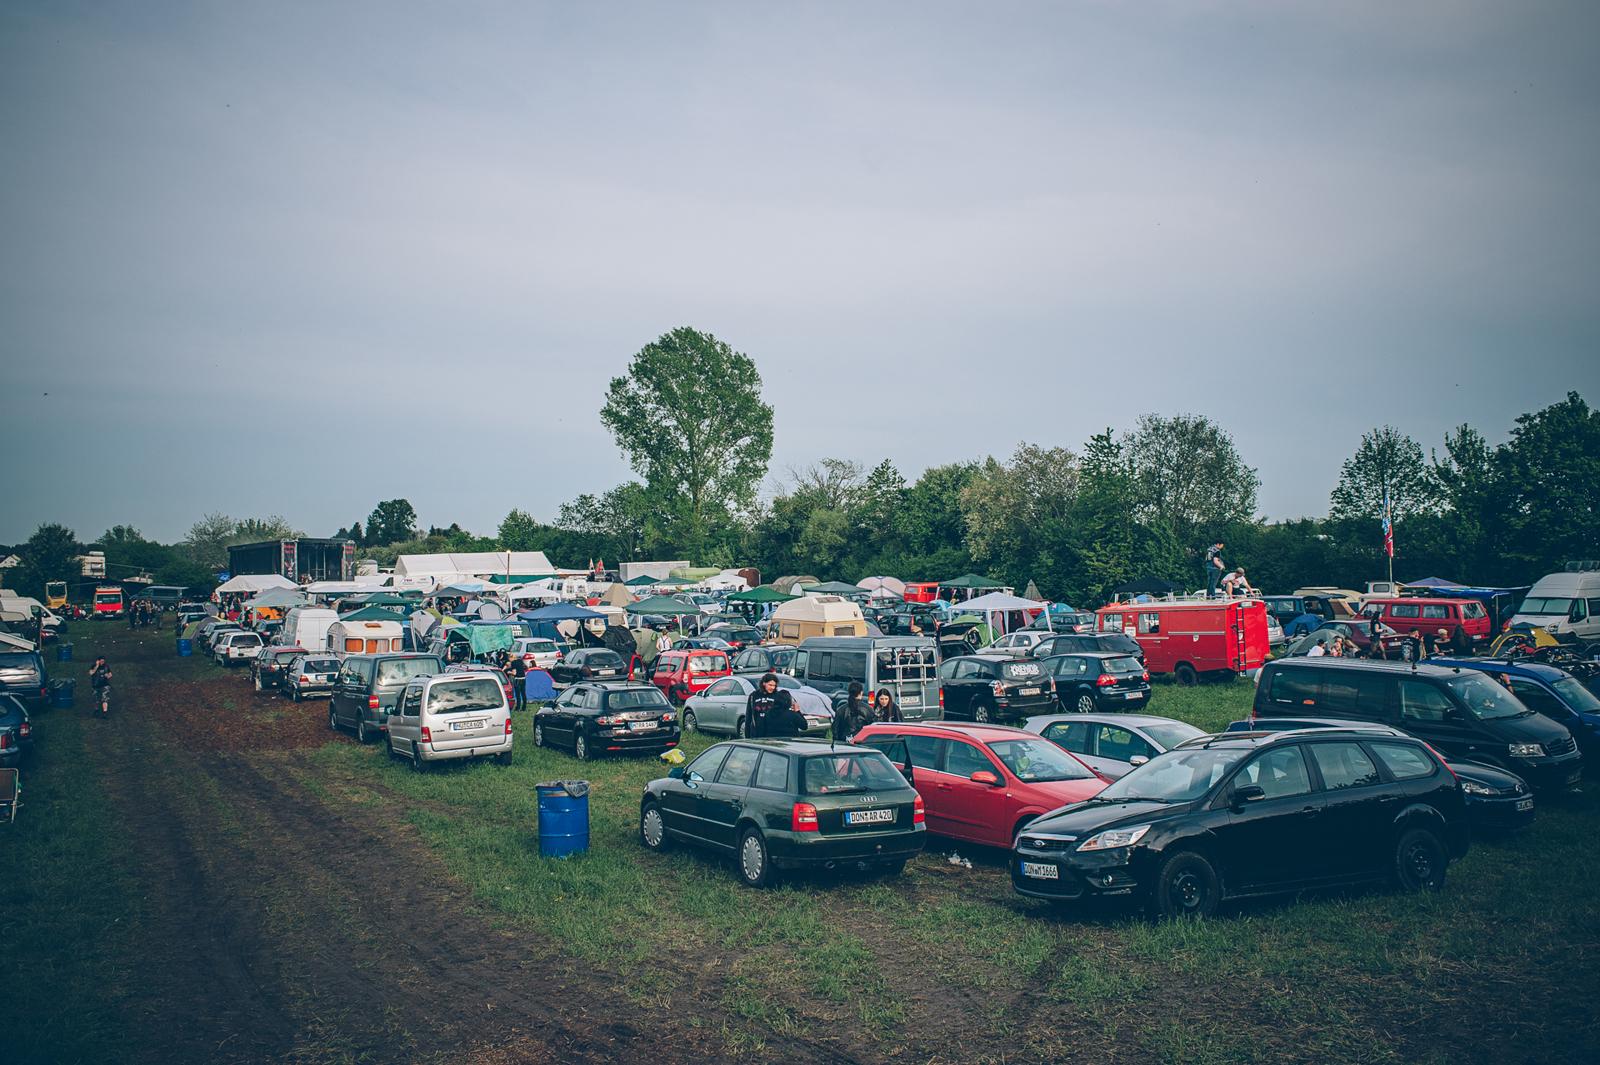 Metalheadz Open Air - Festivalgelände